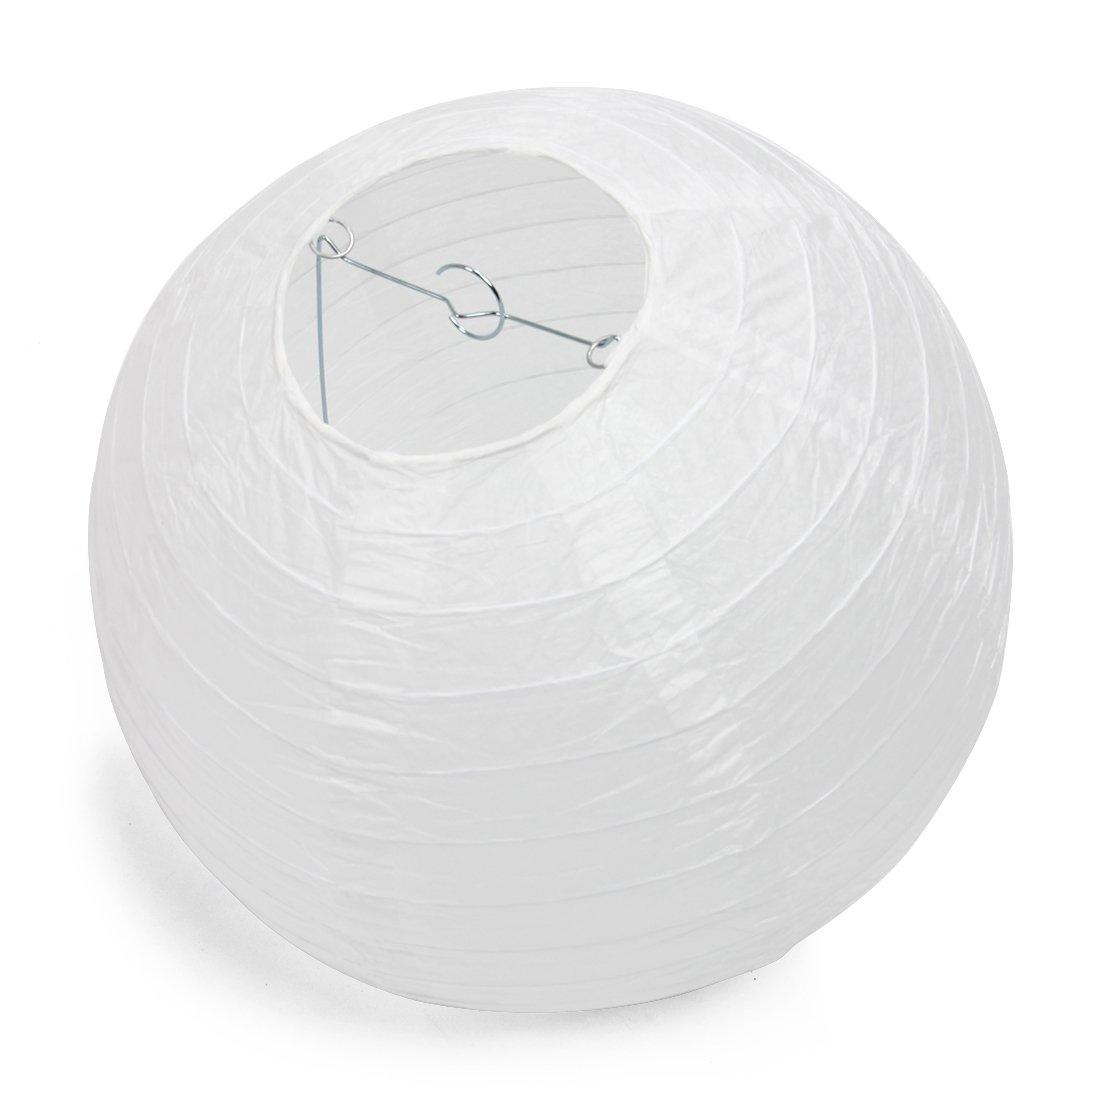 SODIAL(R) Lanterne en Papier mariage Parti Diner annuel DIY Decoration 30cm blanc Assortiment New